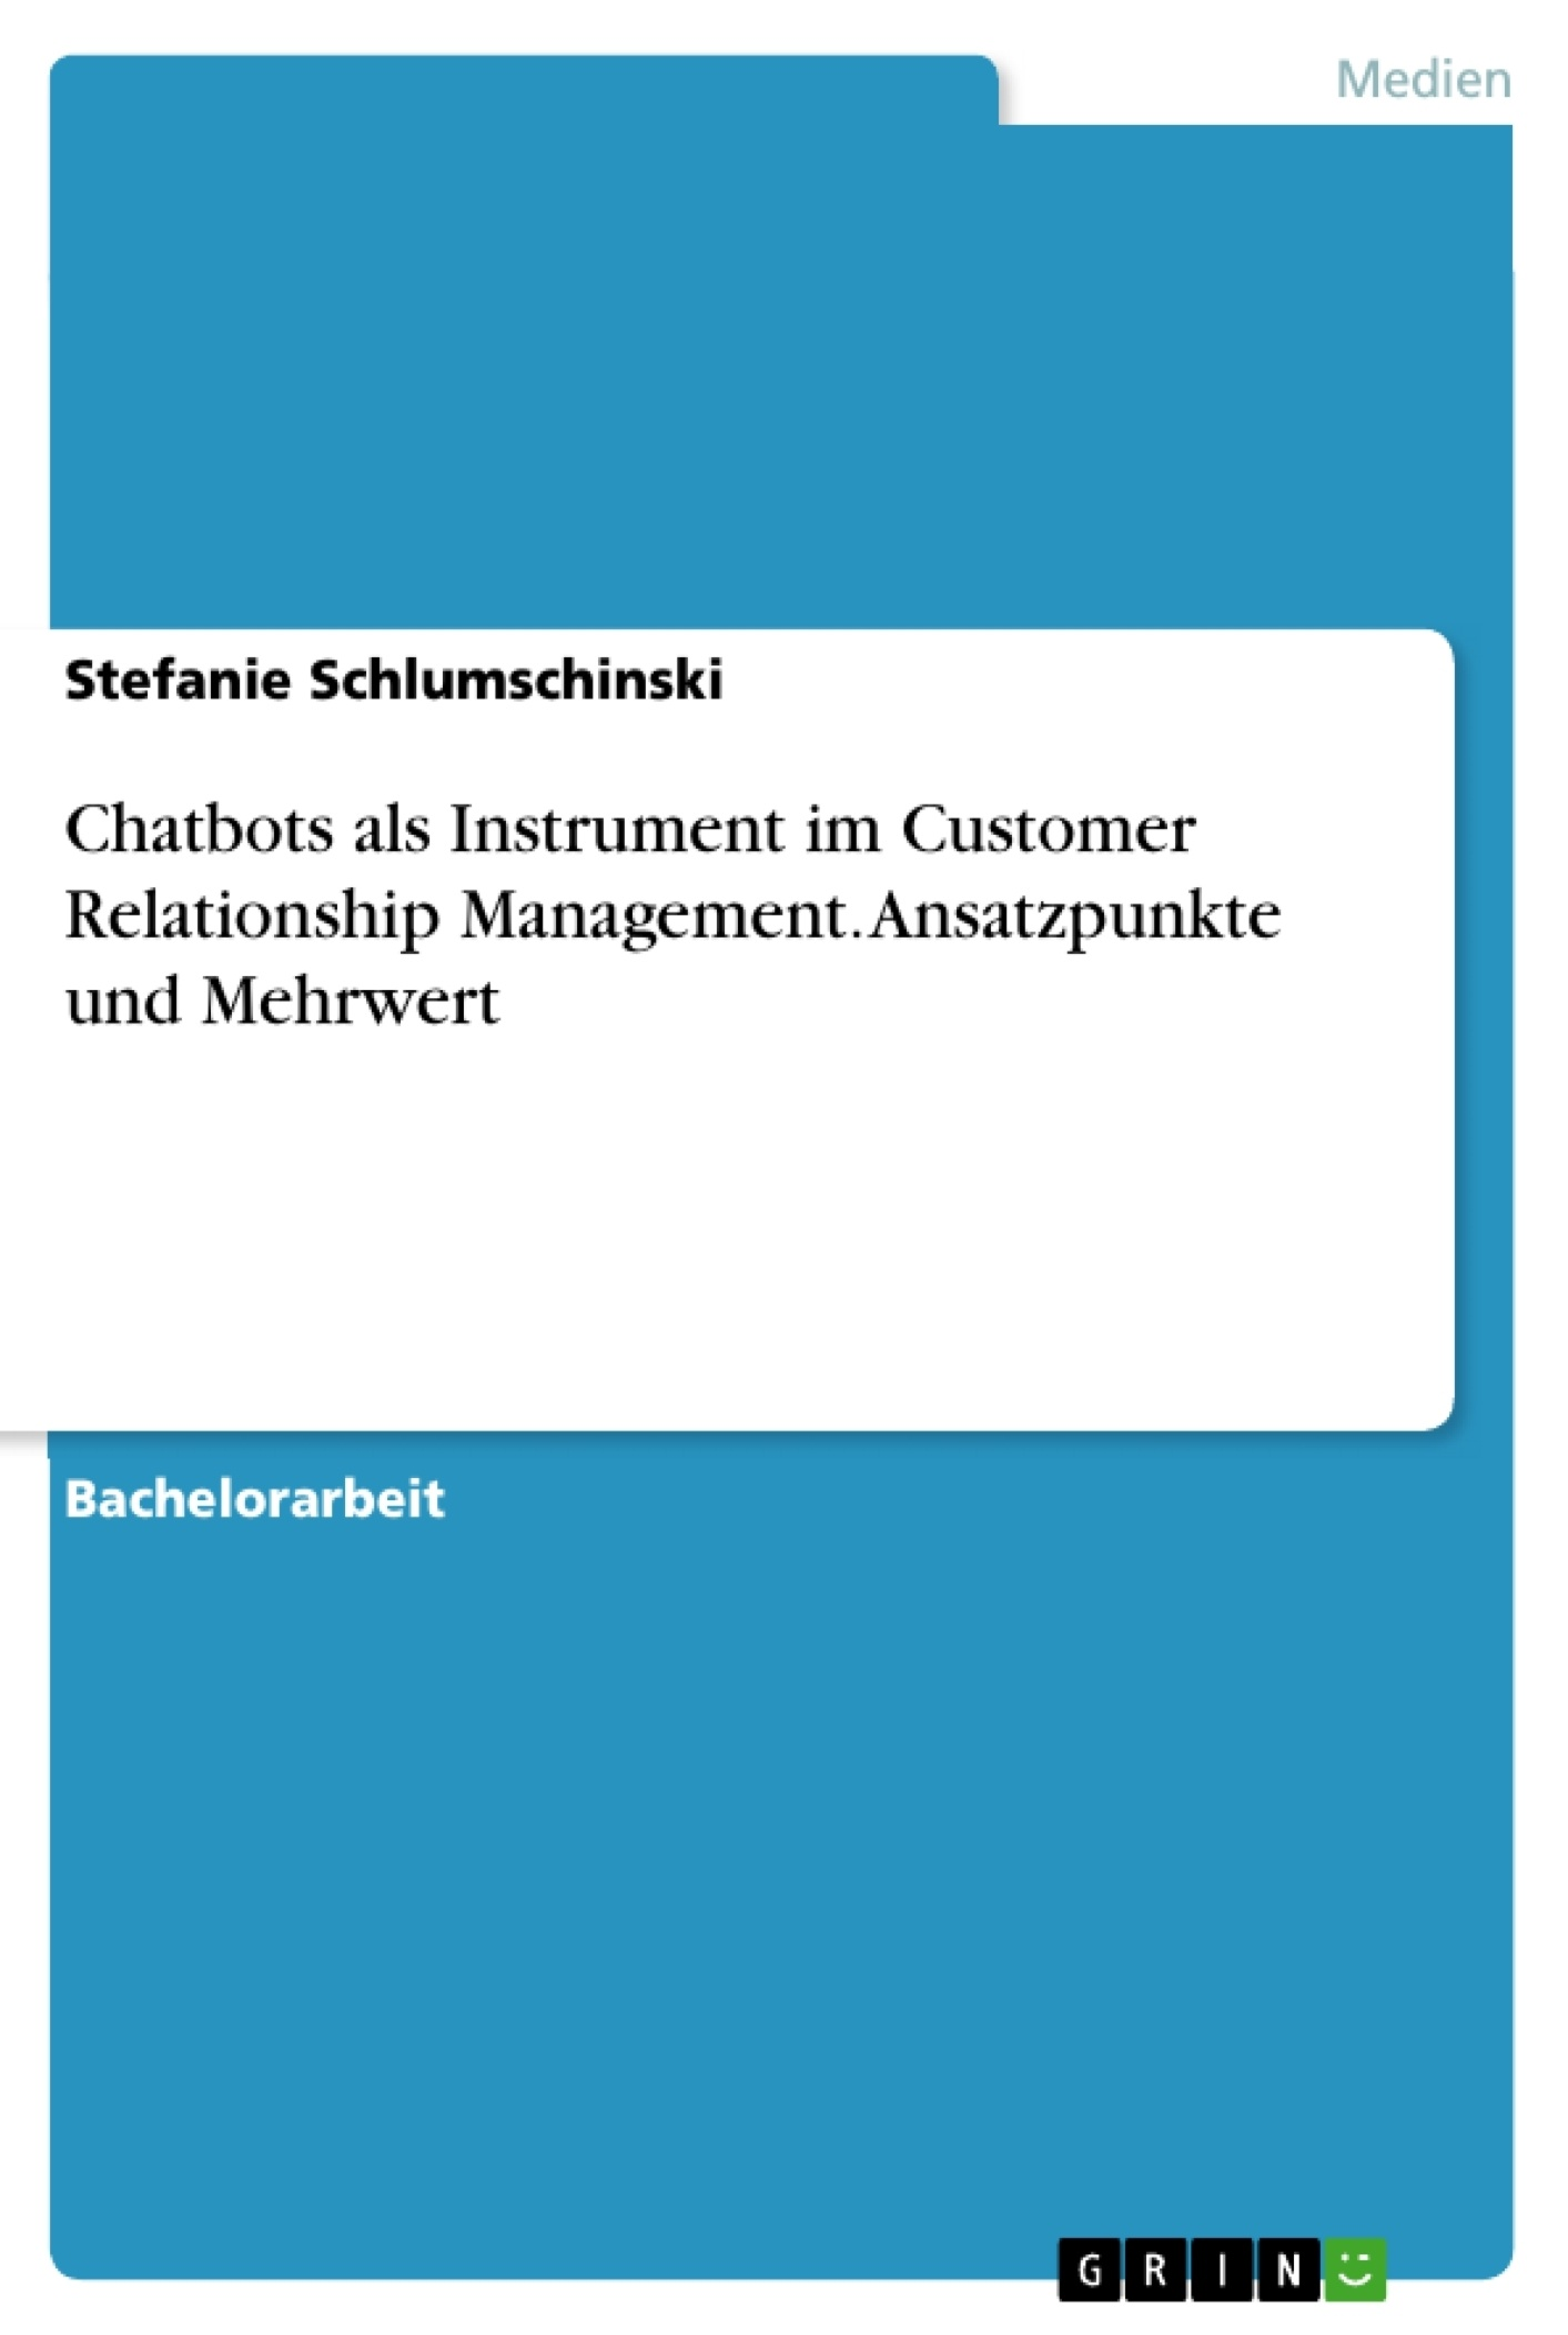 Titel: Chatbots als Instrument im Customer Relationship Management. Ansatzpunkte und Mehrwert